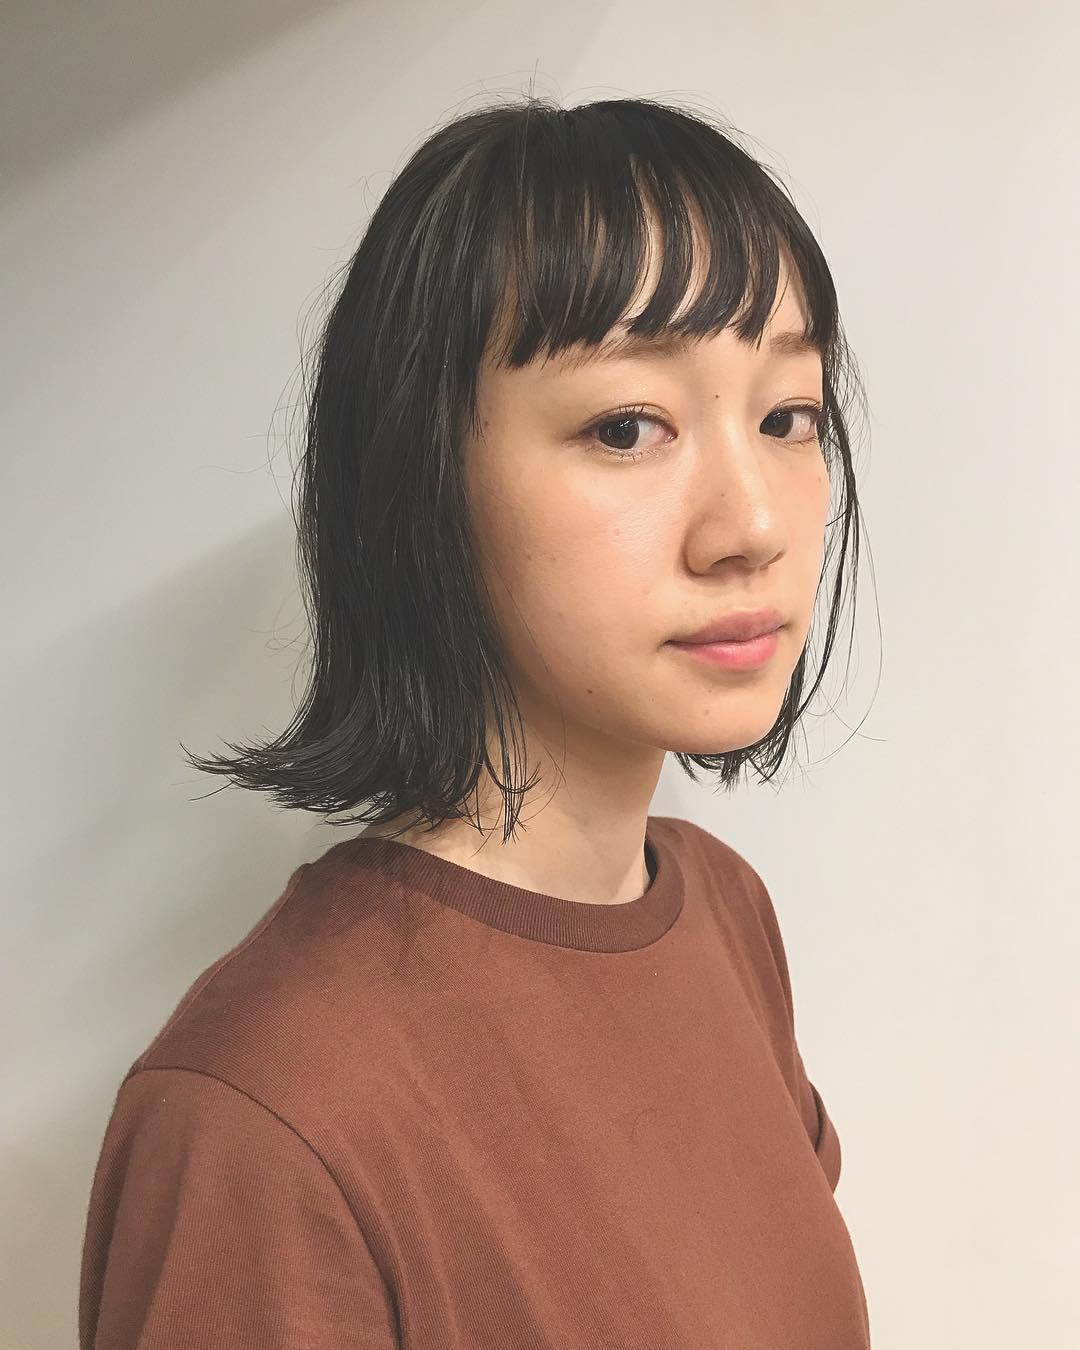 前髪ぱっつんが可愛い♡とことん似合うヘアスタイル3